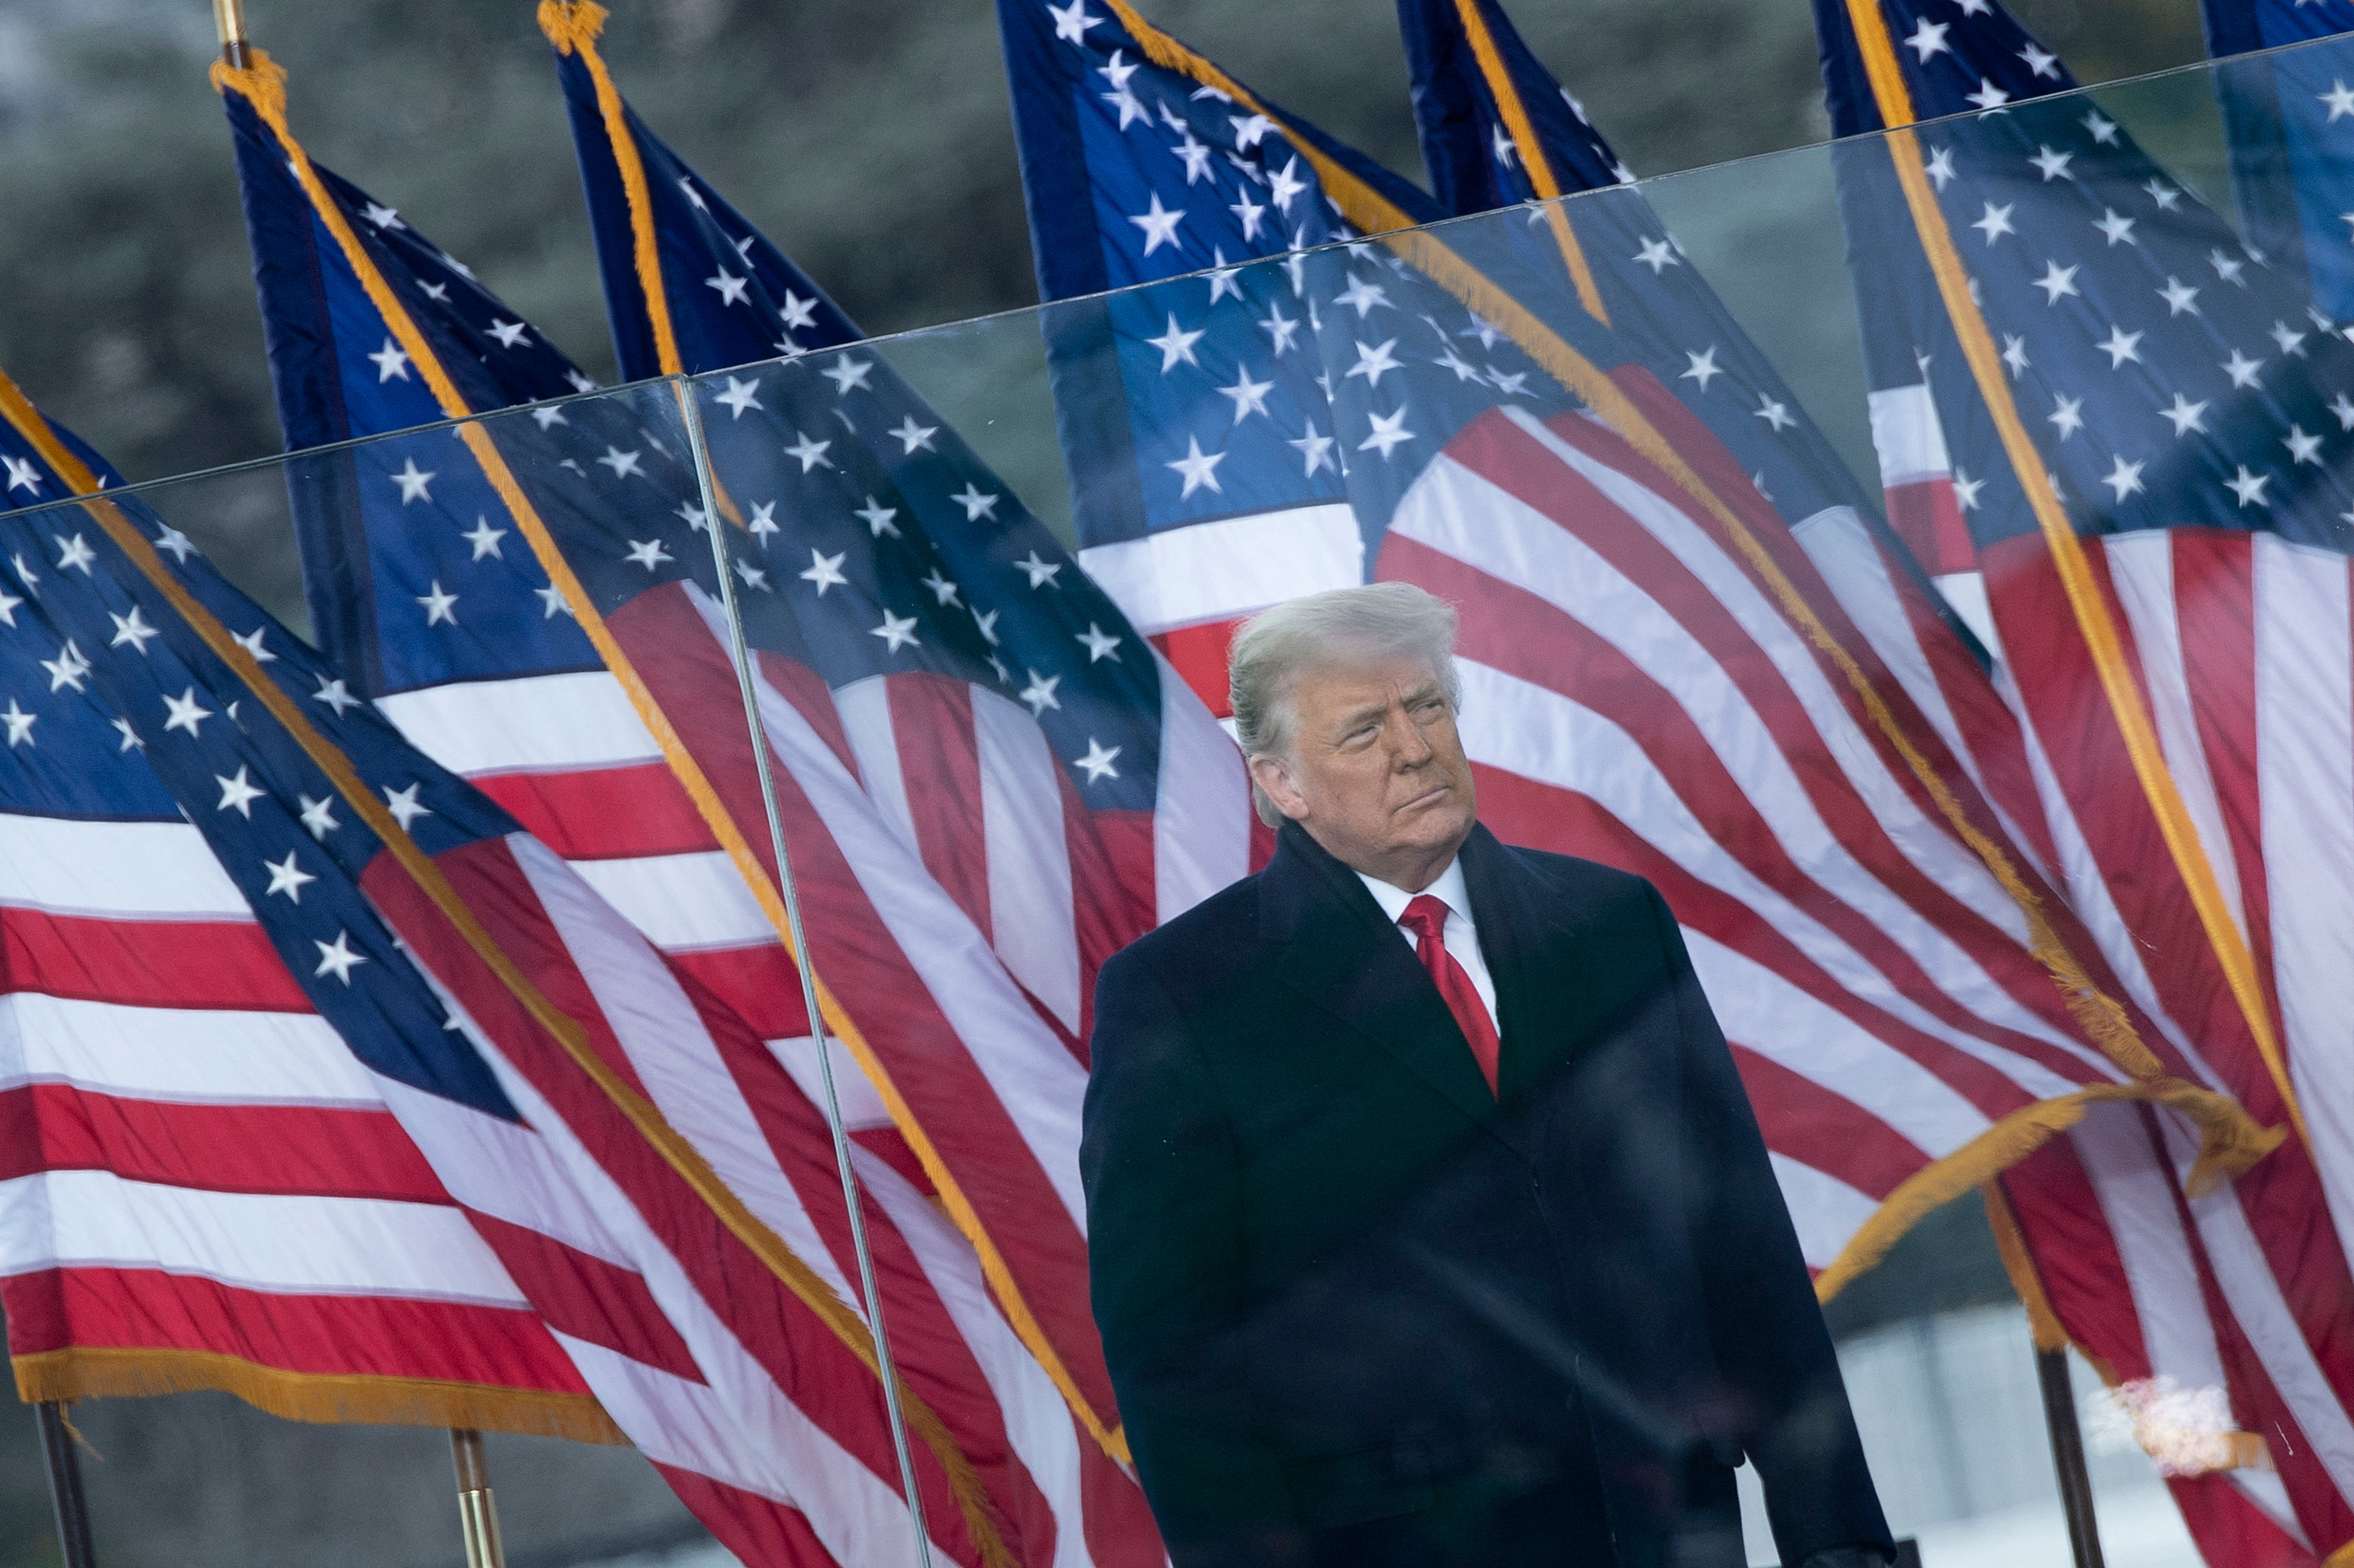 US Senate votes to acquit Trump in impeachment trial